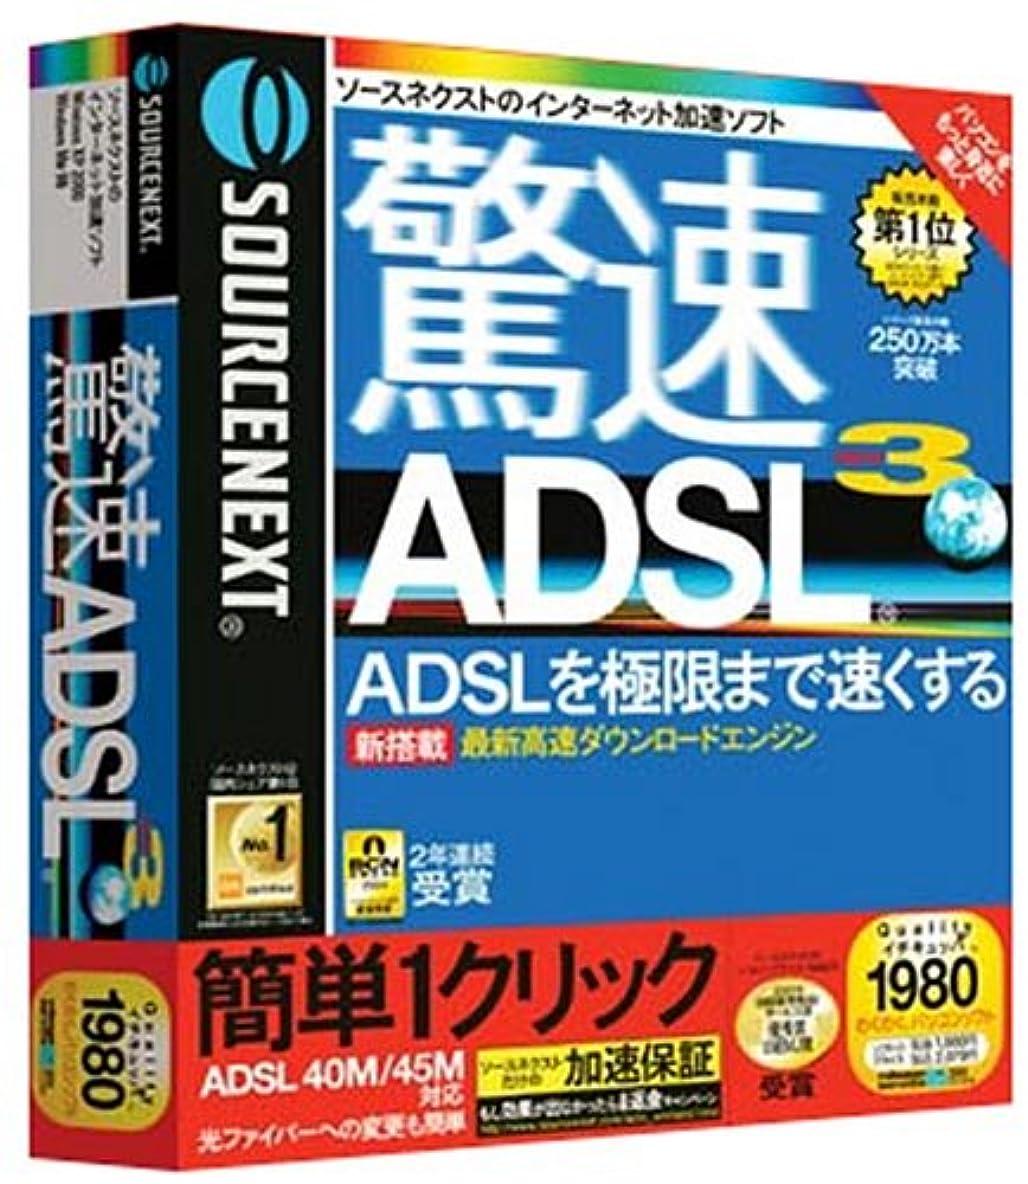 驚速ADSL 3